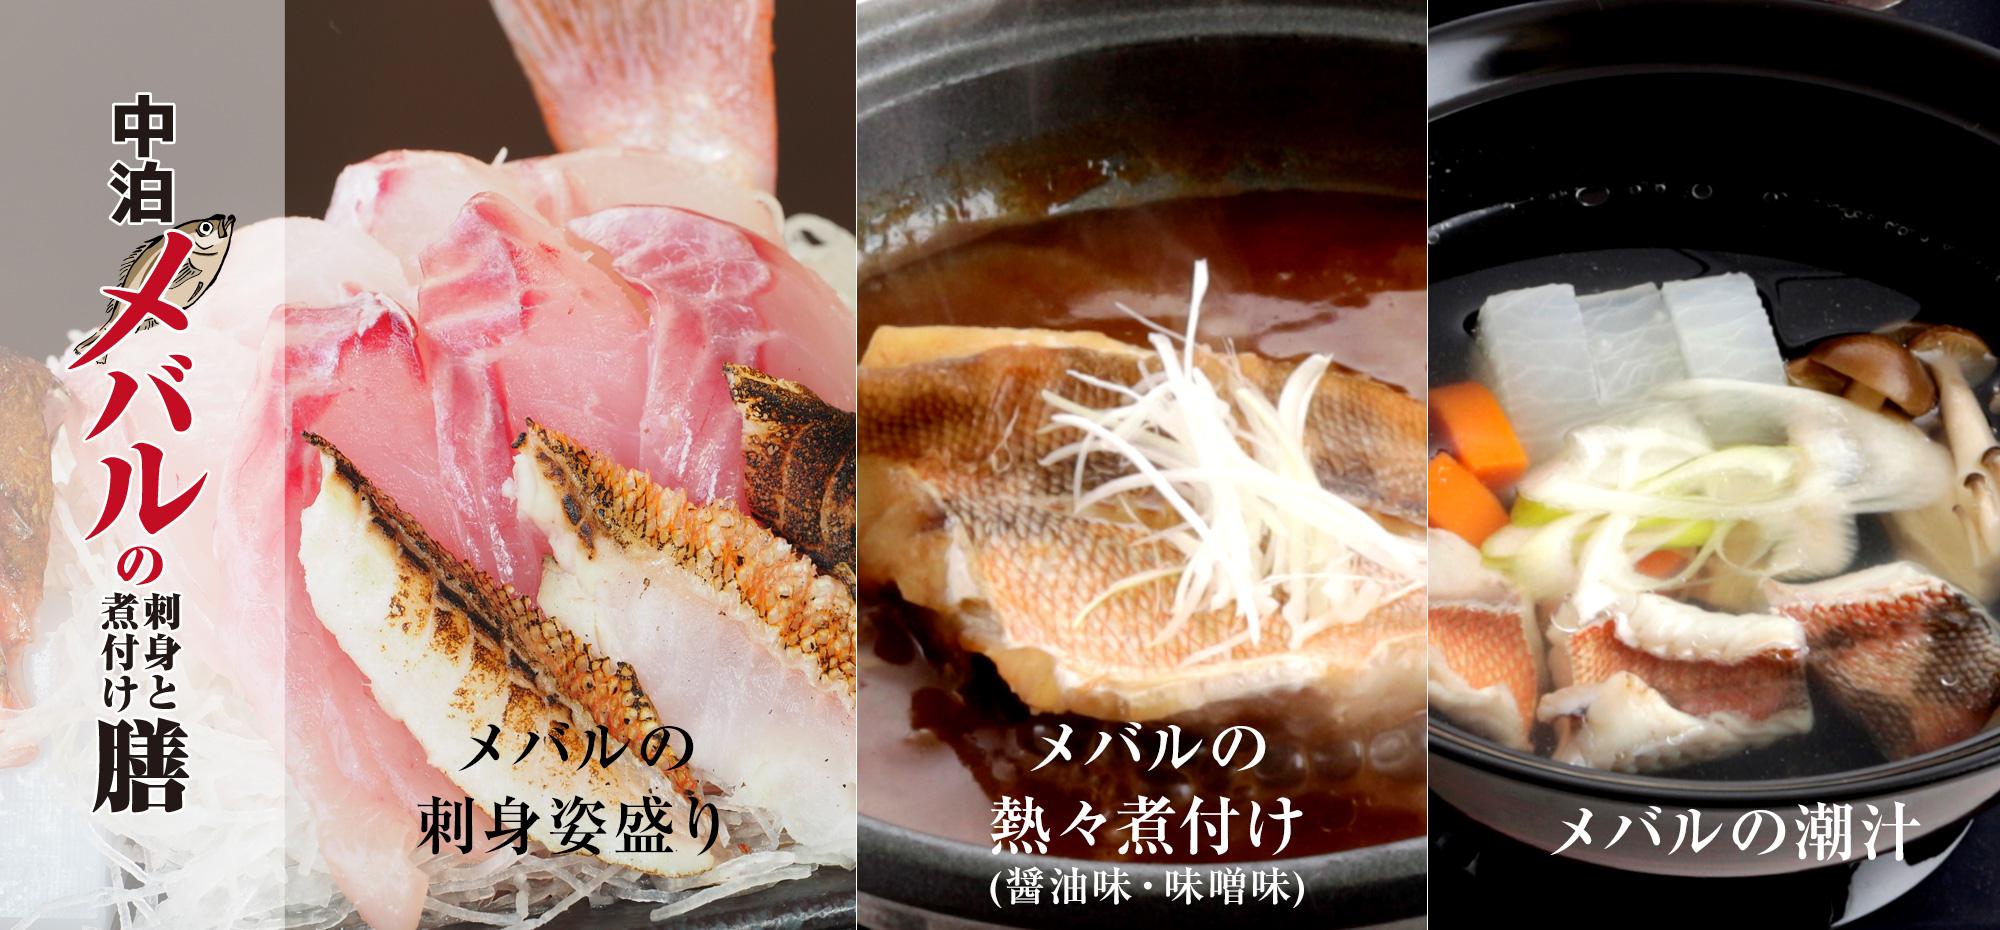 中泊メバルの刺身と煮付け膳 メバルの刺身姿盛り、メバルの熱々煮付け、イカ刺しごはん